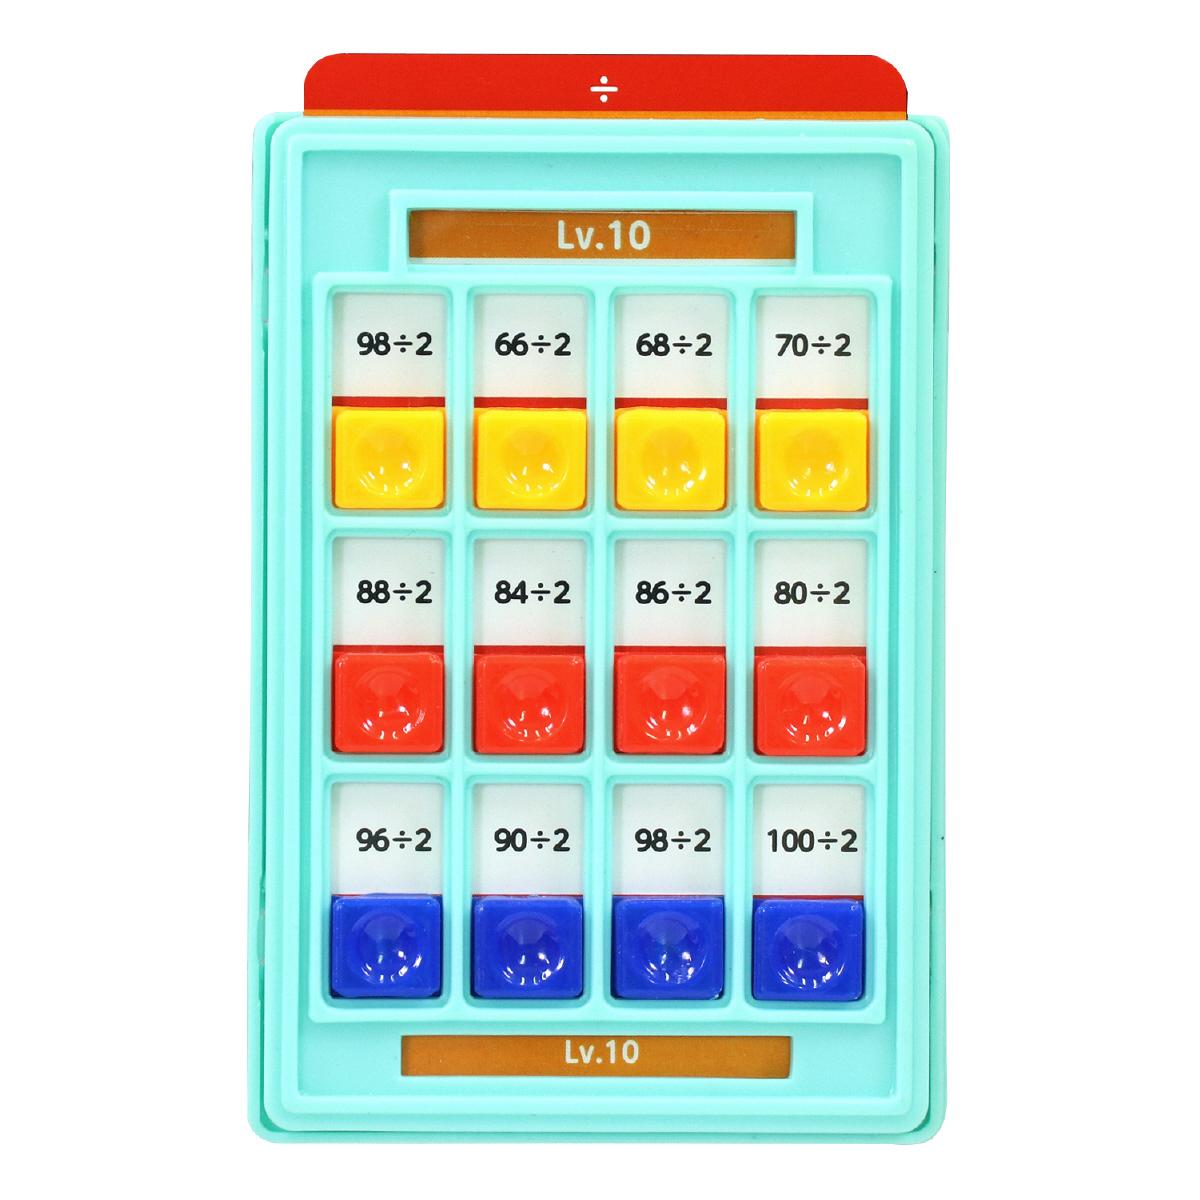 ポケットスタディ 掛け算+割り算セット 計算 練習 勉強 学習 知育玩具 お勉強 おもちゃ キッズ 子供 クリスマスプレゼント